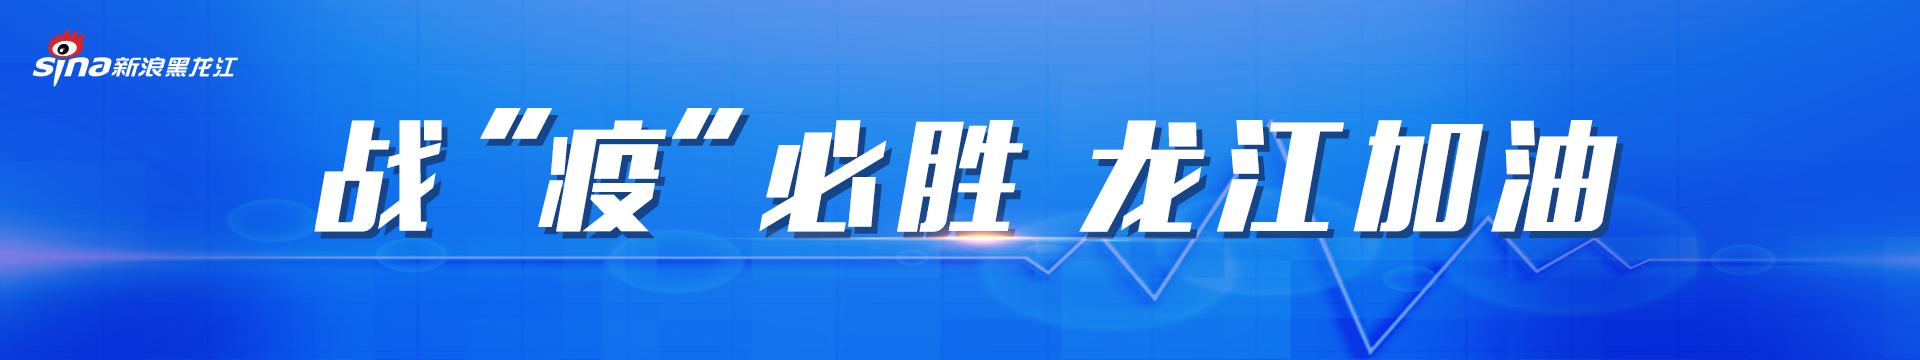 """战""""疫""""必胜 龙江加油"""